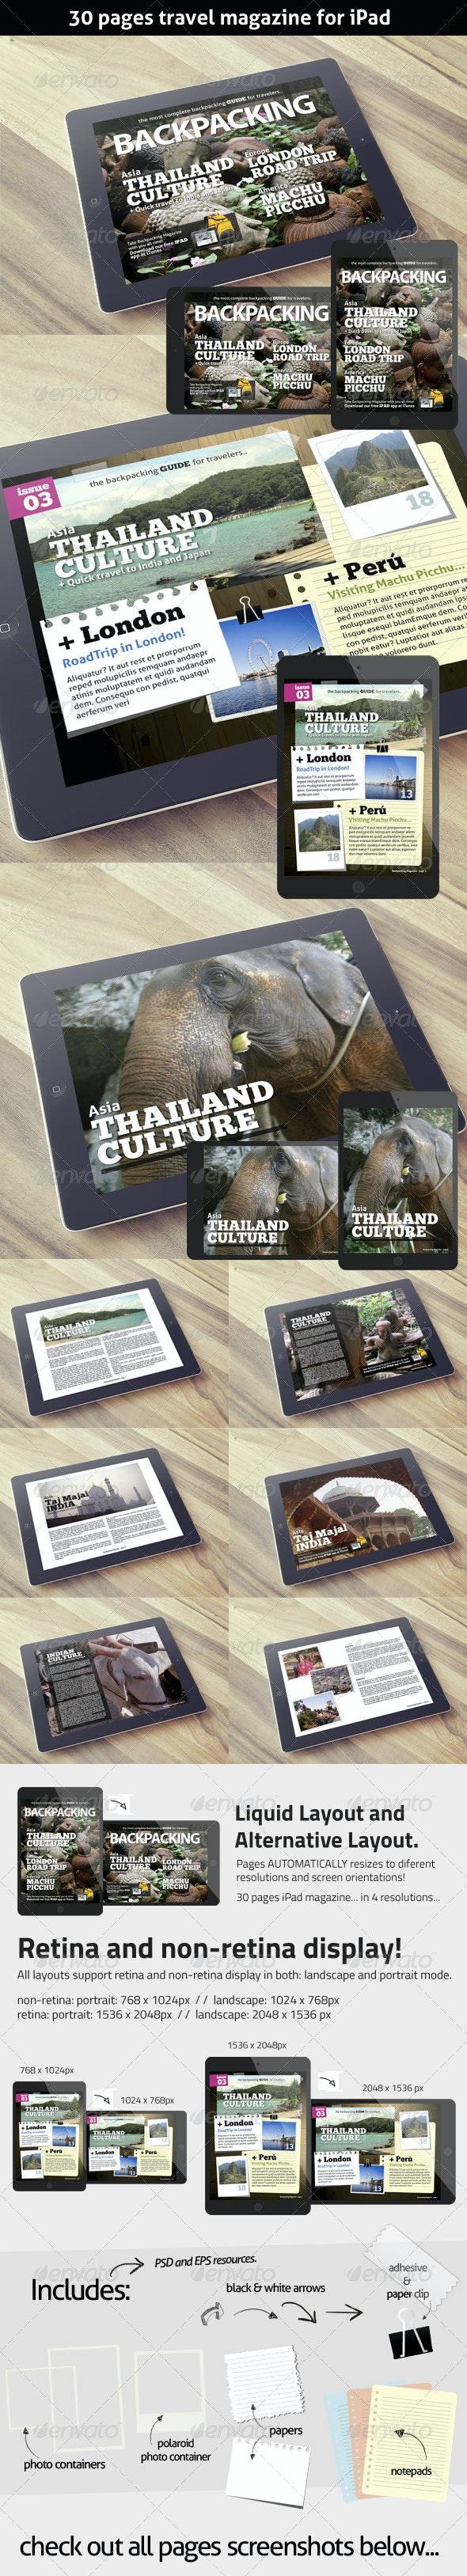 BackPacking Magazine Template for iPad - Digital Magazines ePublishing